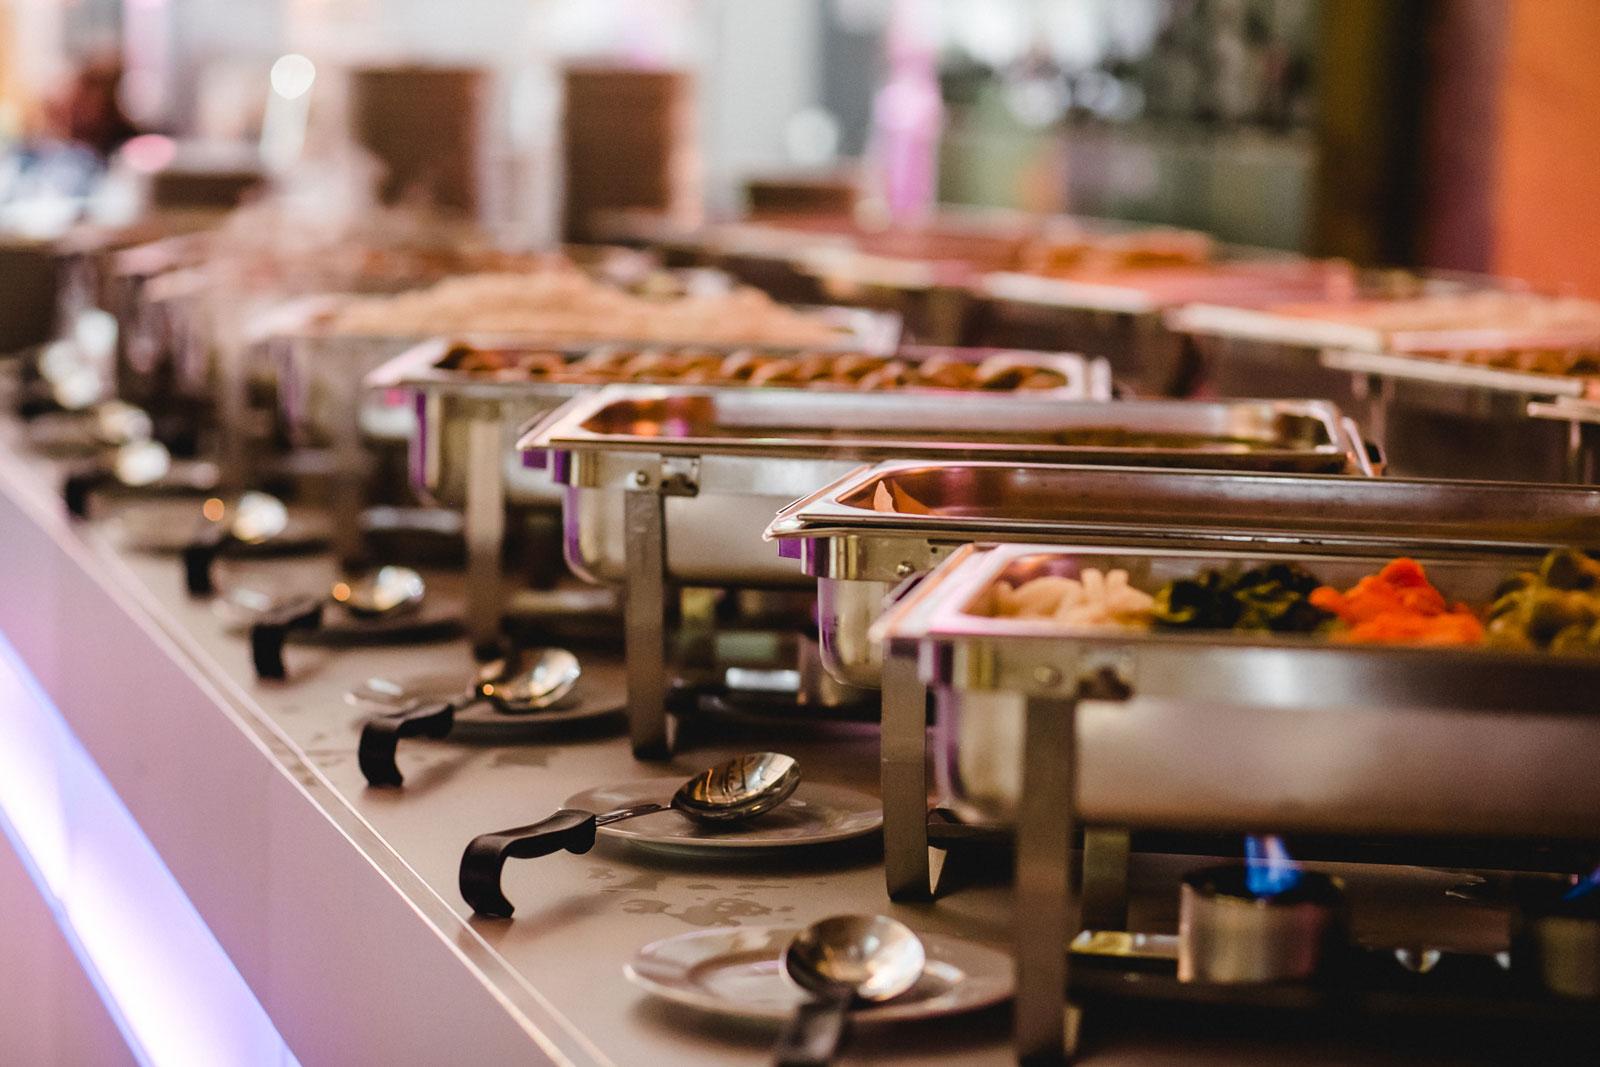 Pizzeria Paderborn • Restaurant Piccola Posta • Speisekarte Piccola Posta • Italiener • Catering Paderborn • Partyservice Paderborn